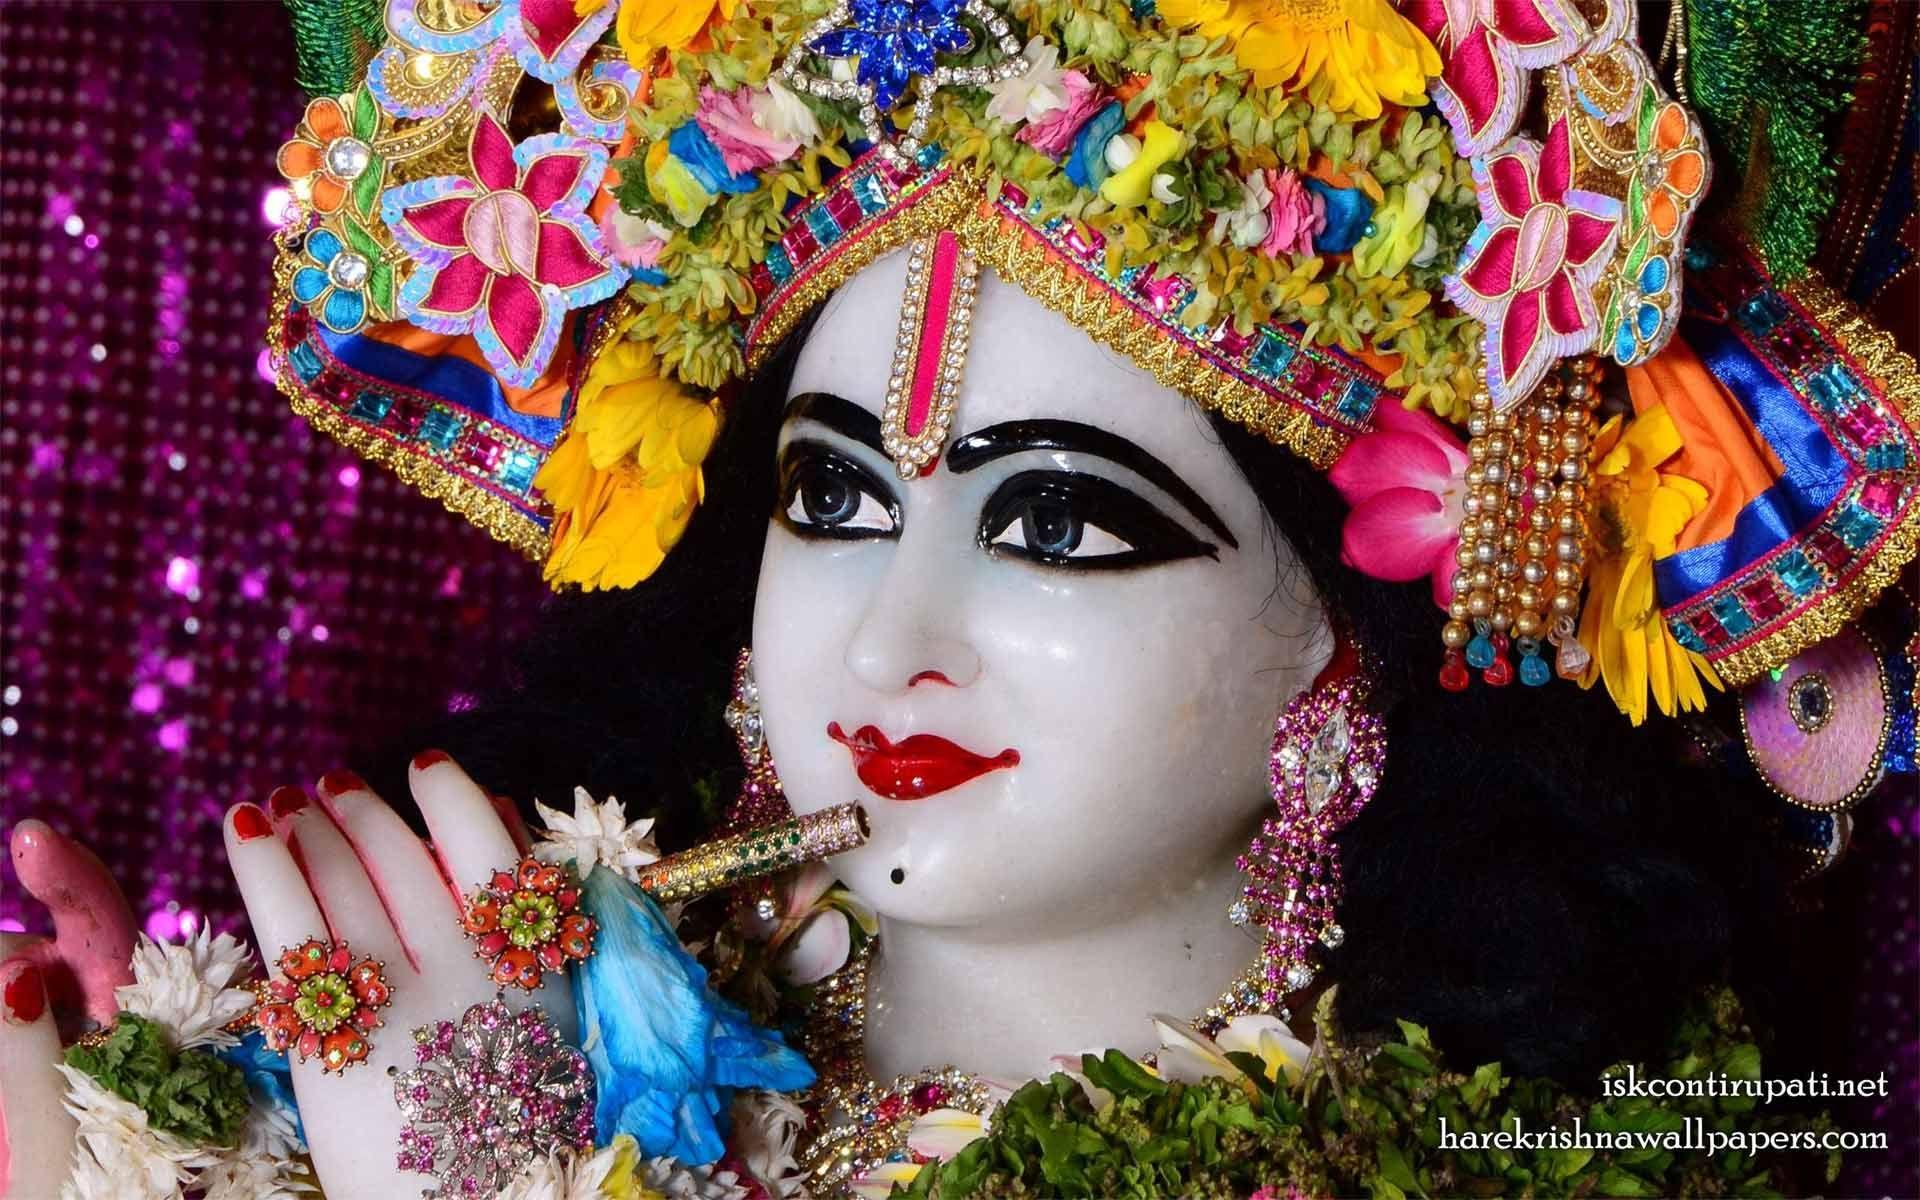 Hd wallpaper krishna - Iskcon Krishna Wallpapers Hd